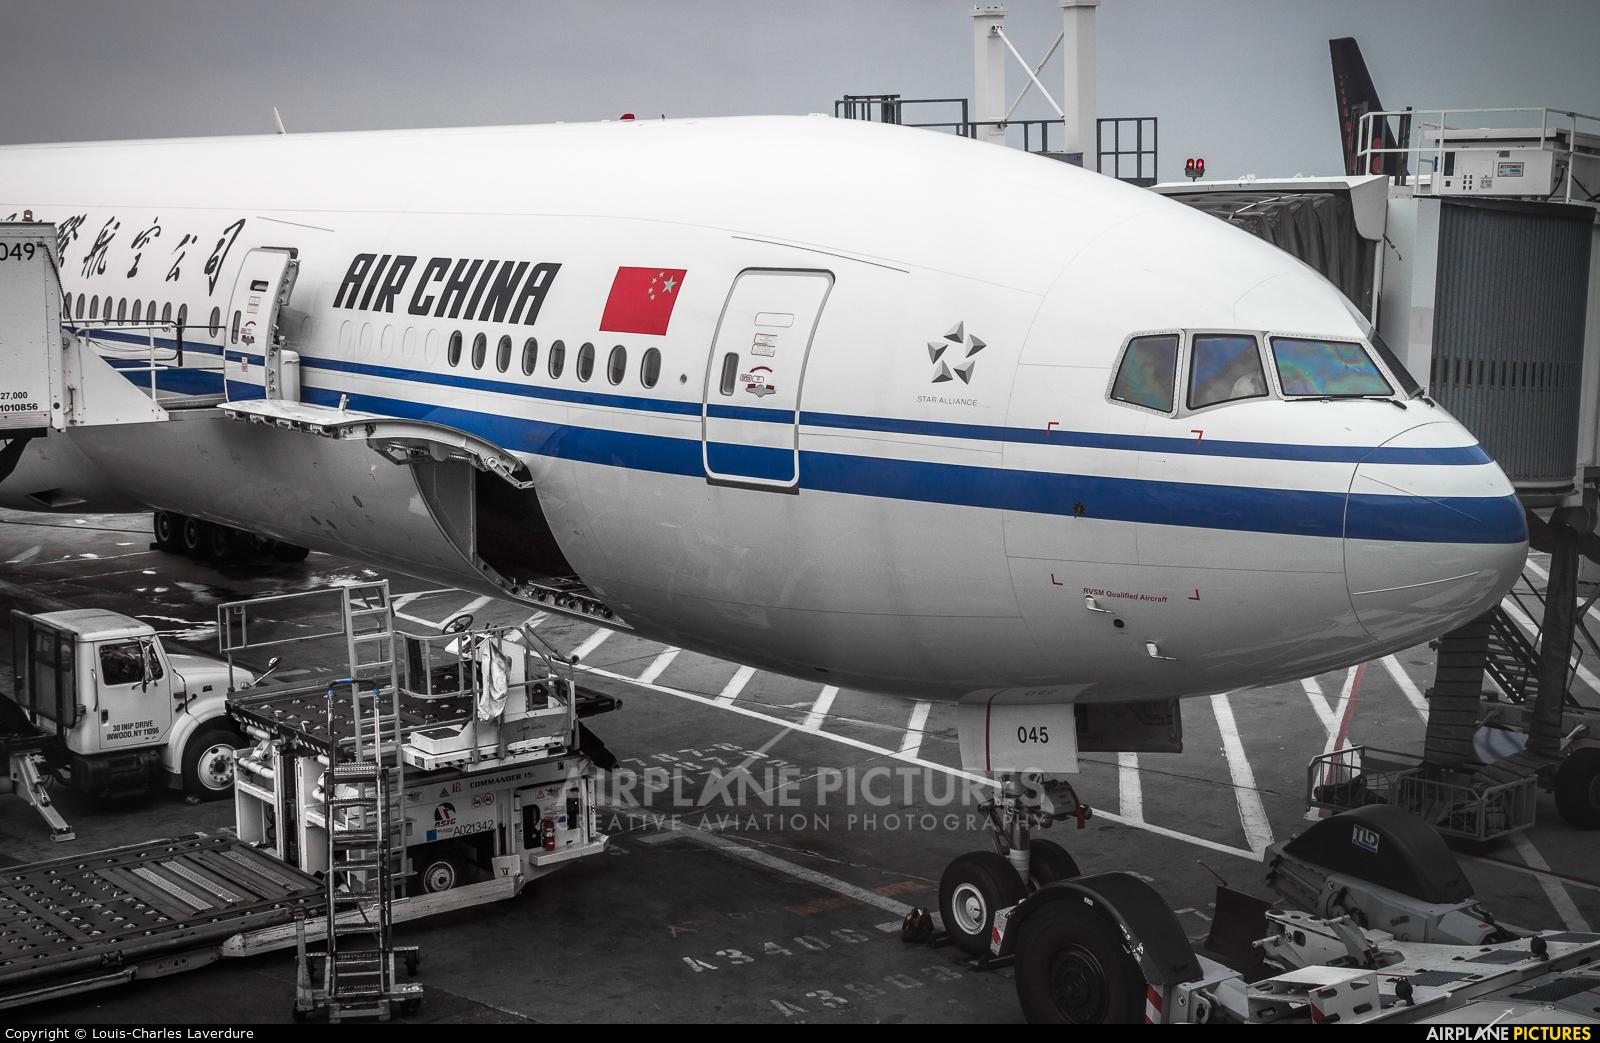 Air China B2045 aircraft at New York - John F. Kennedy Intl